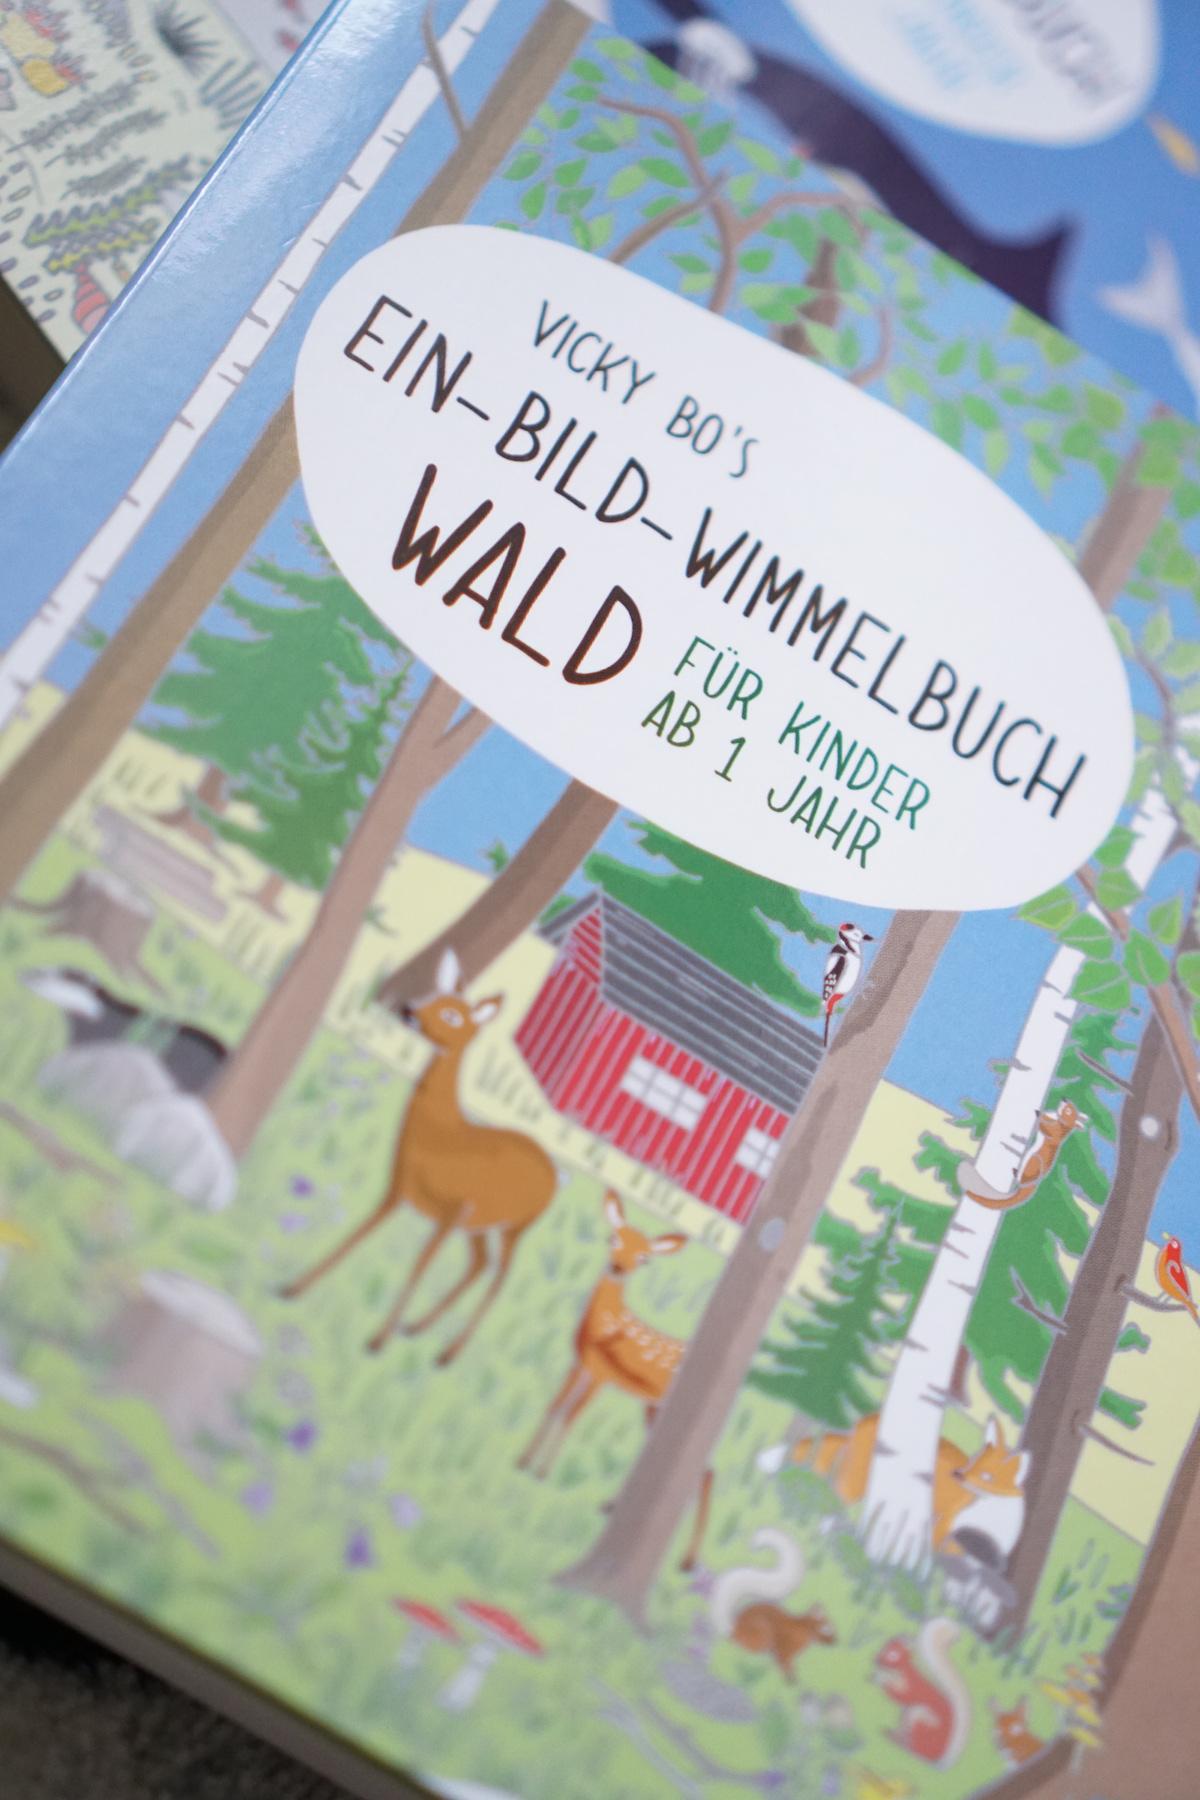 Malen und Lesen mit Vicky Bo, Ein-Bild-Wimmelbuch Wald